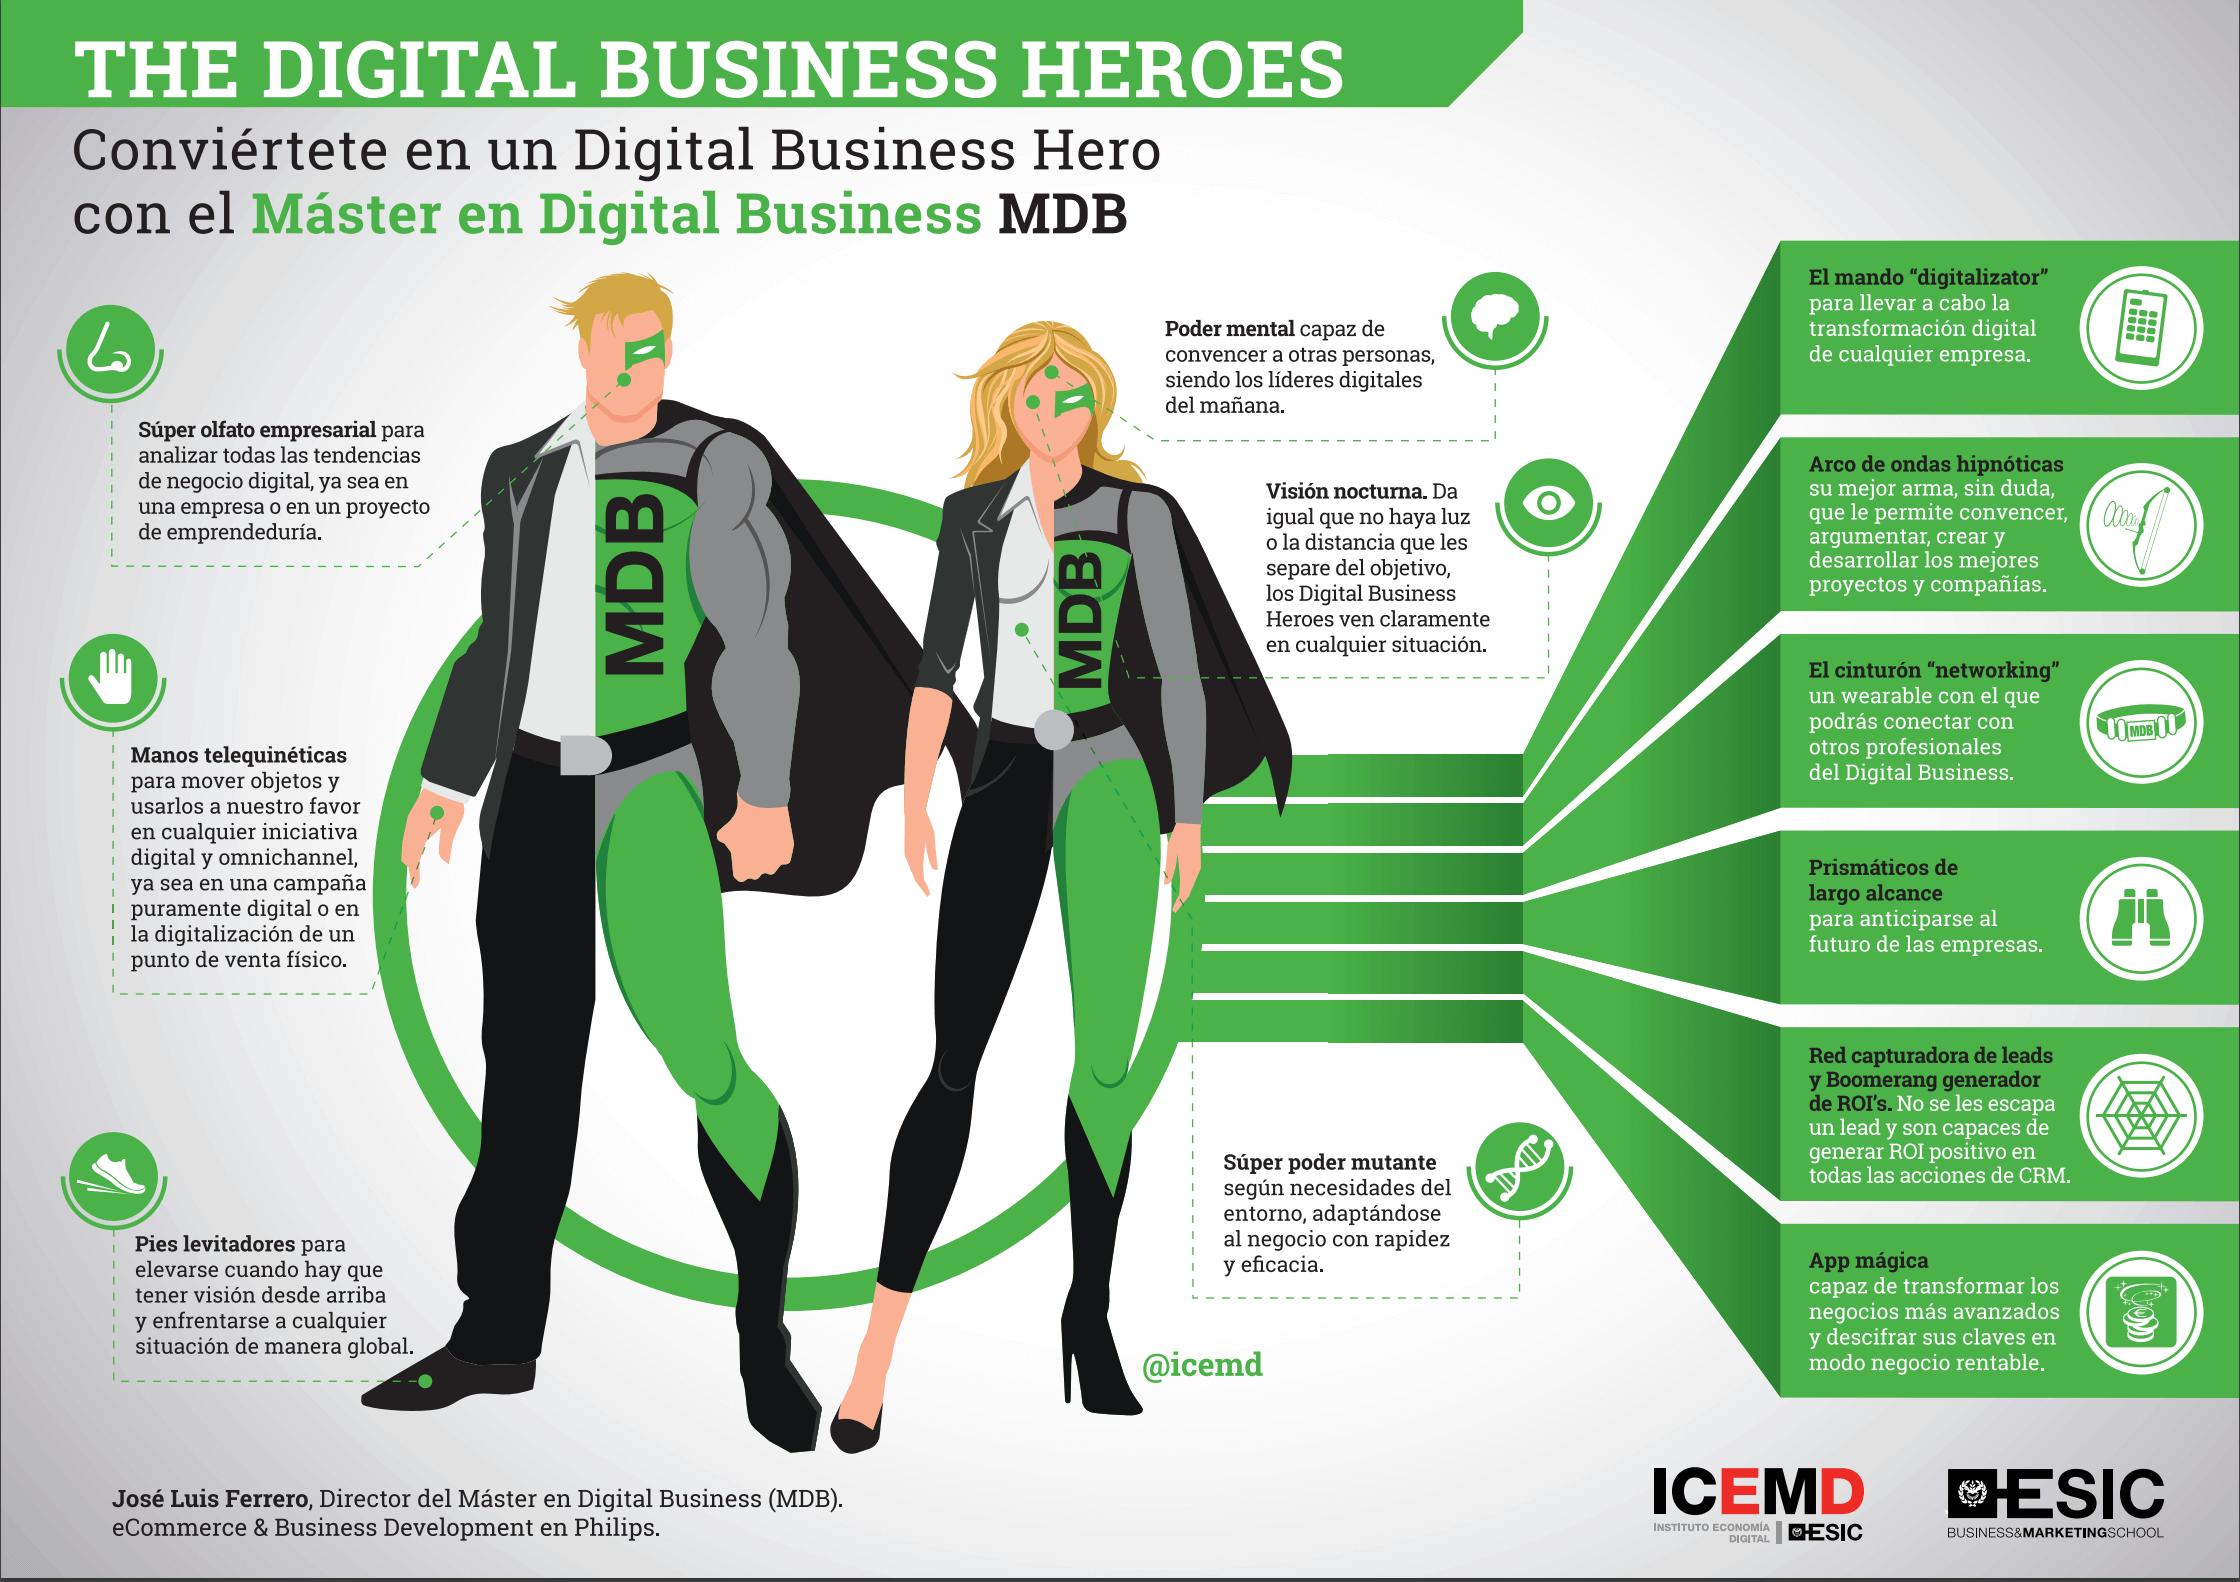 Digital business heroes